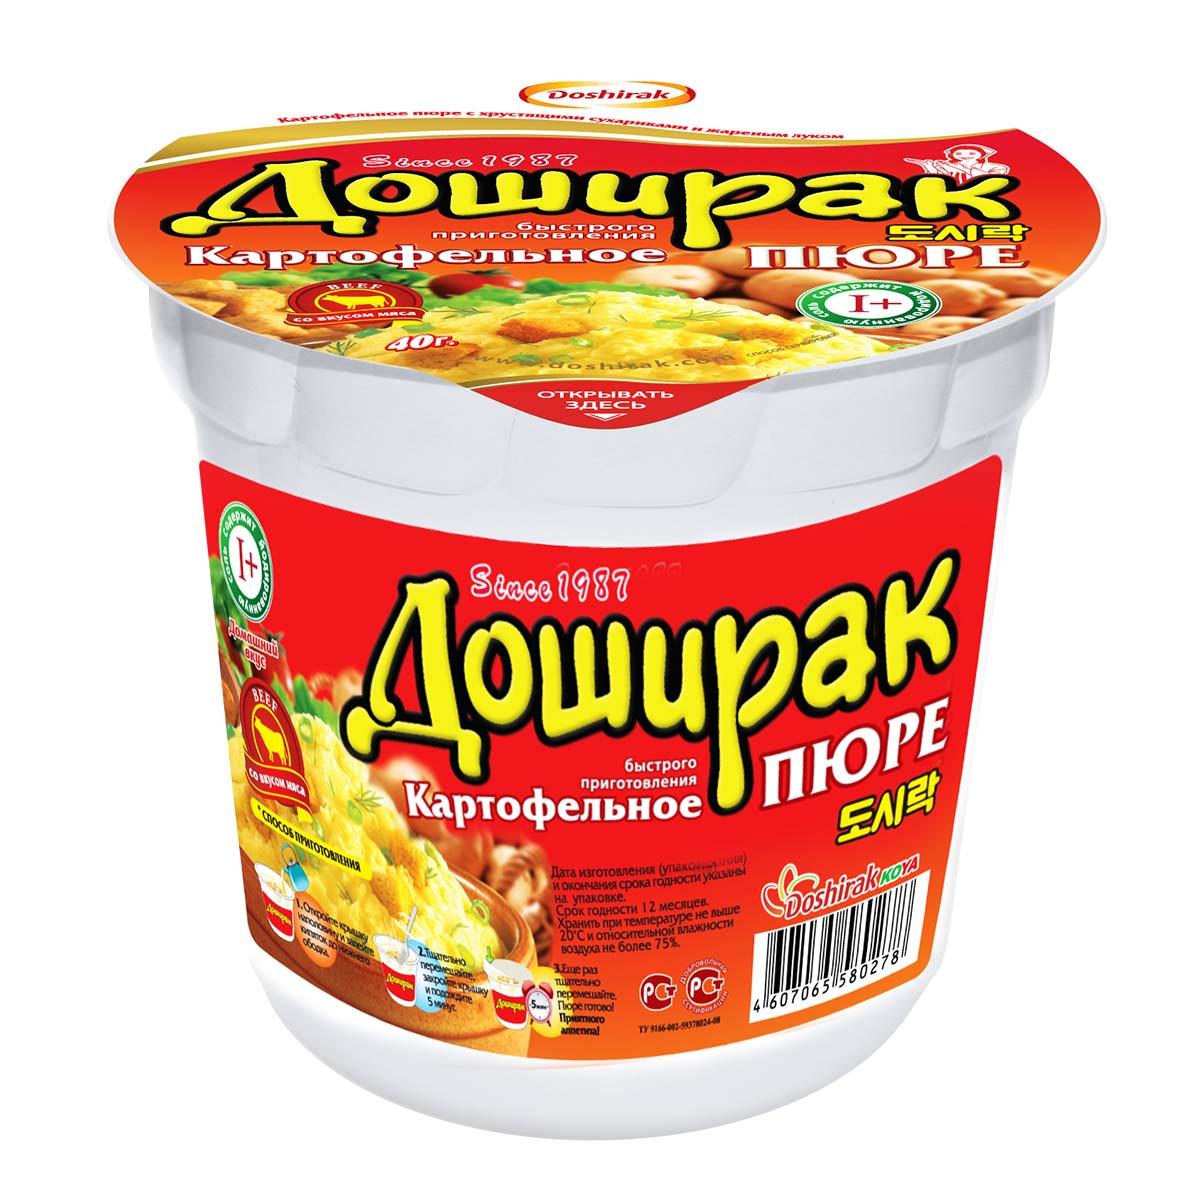 Doshirak пюре картофельное быстрого приготовления со вкусом говядины в стакане, 40 г